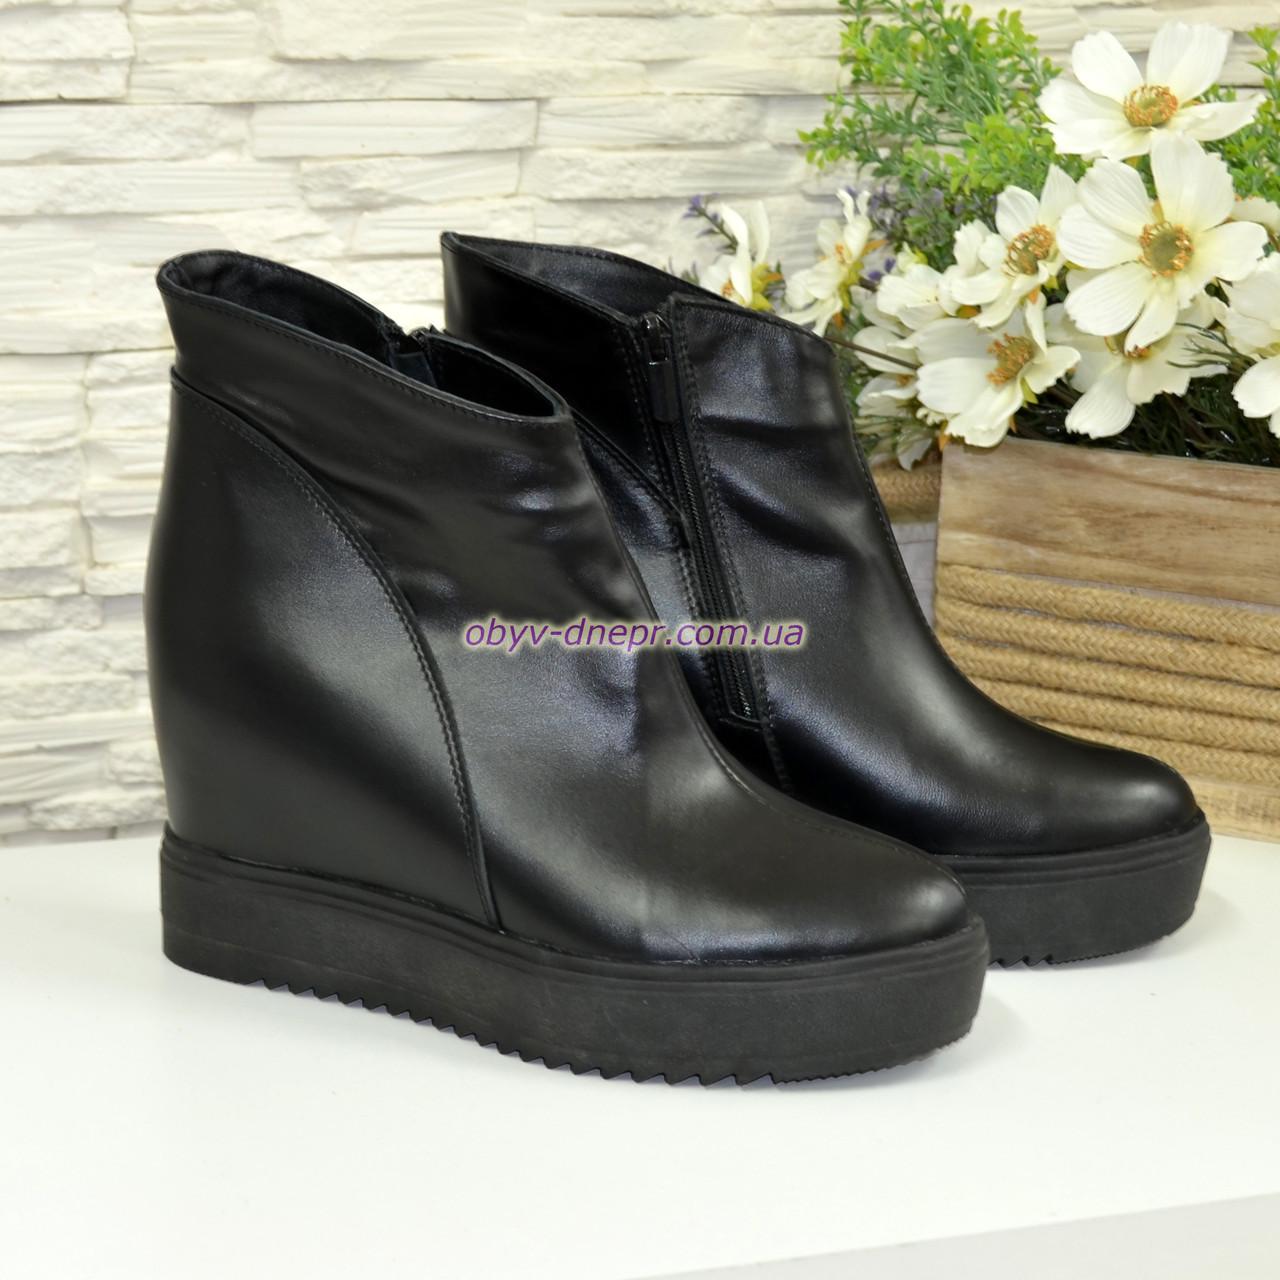 """Кожаные черные женские ботинки демисезонные. ТМ """"Maestro"""""""